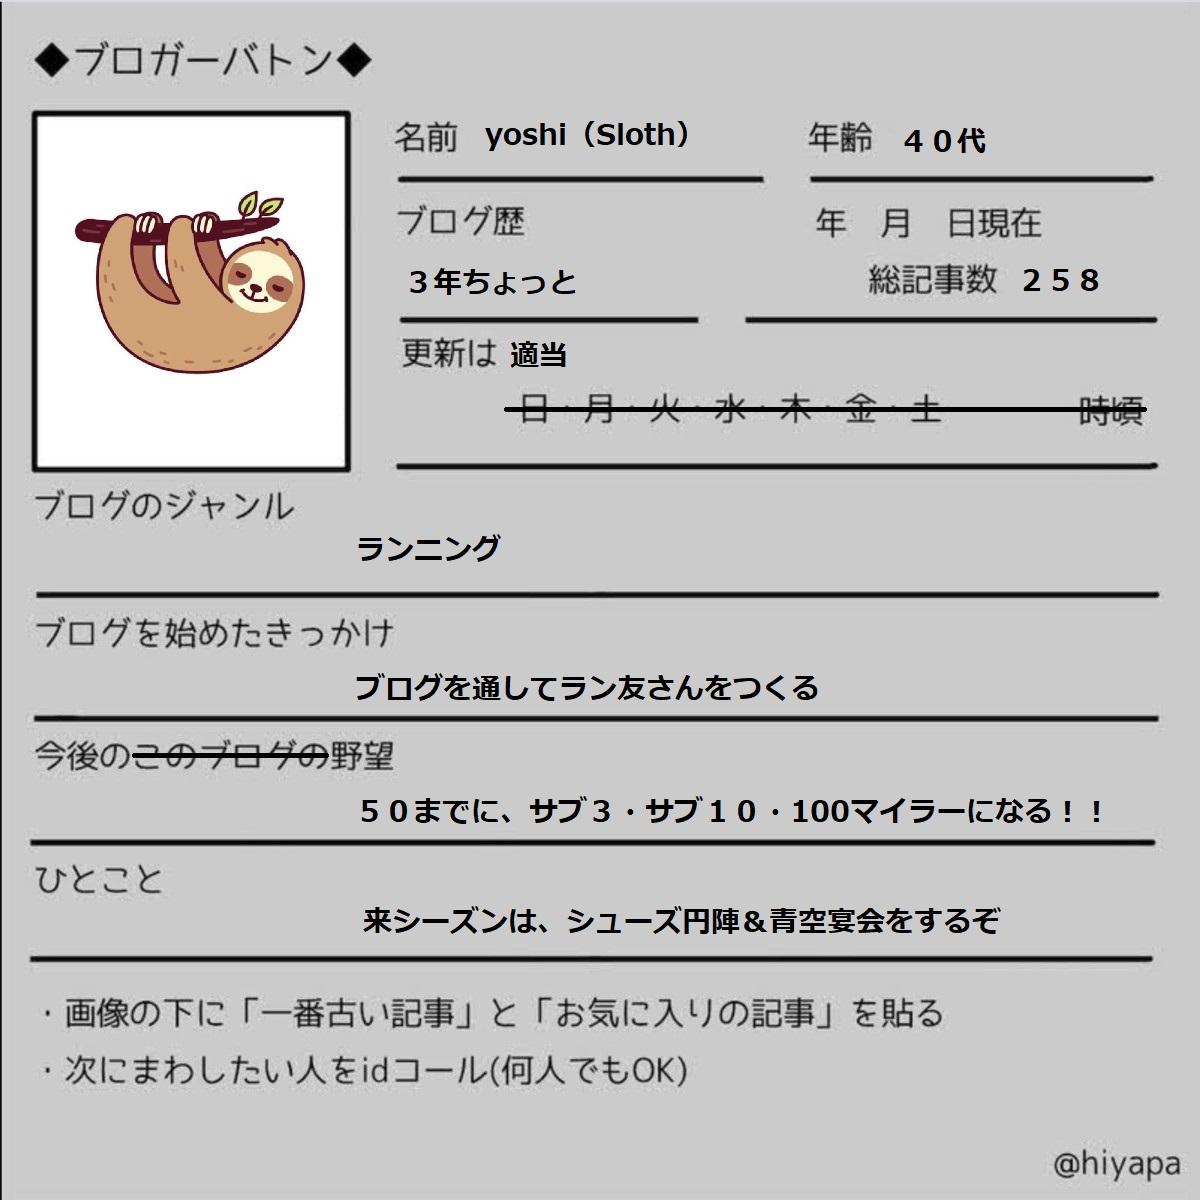 f:id:yoshi-sloth:20200816112235j:plain